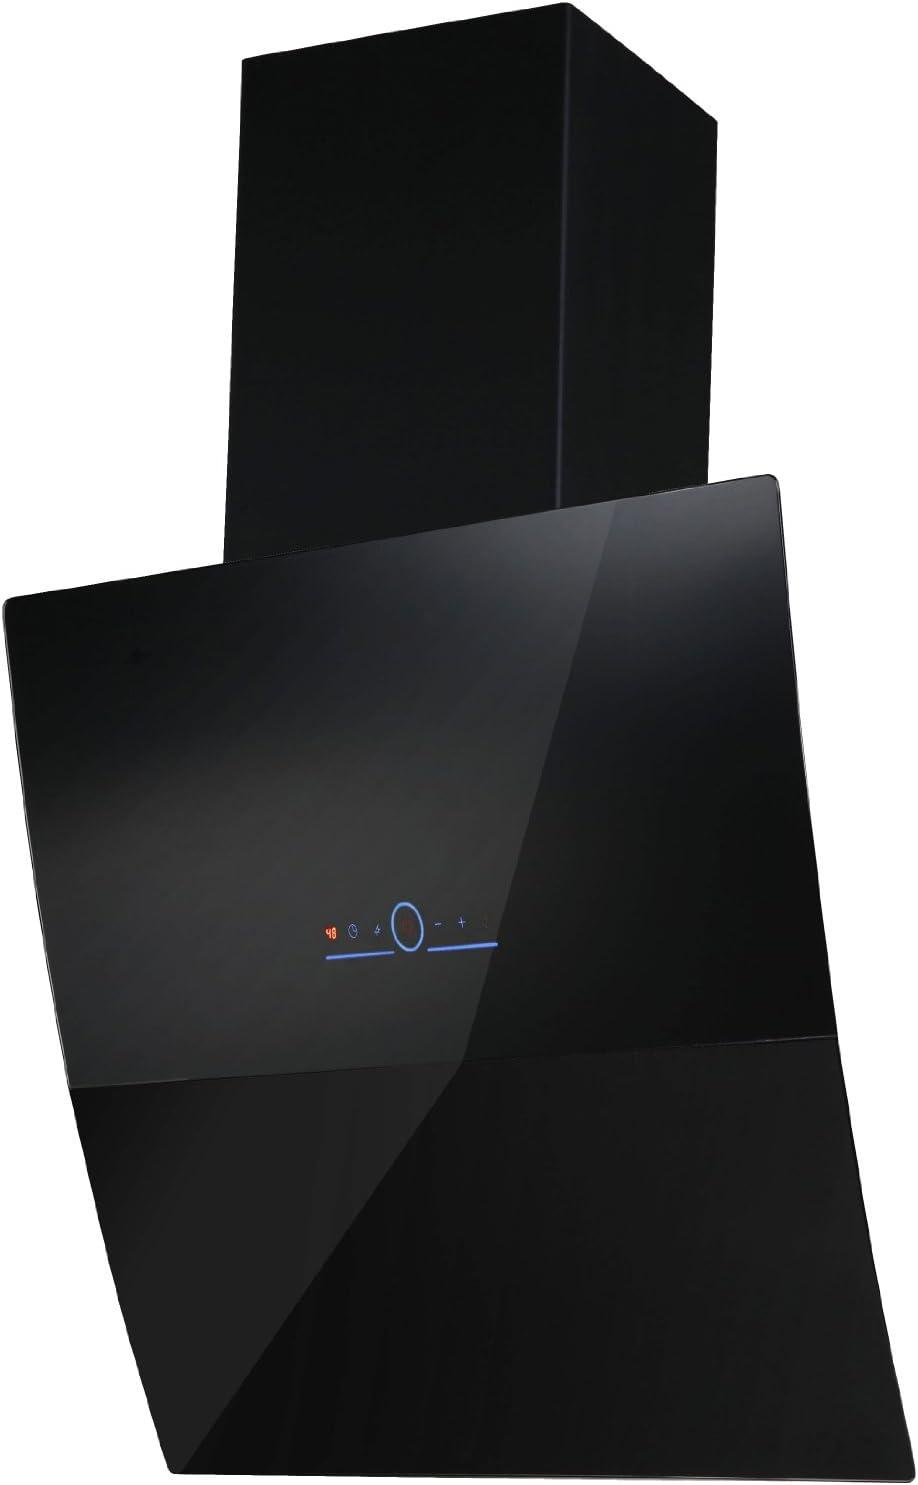 Bergstroem - Campana extractora sin cabeza, de acero inoxidable, cristal, función de seguimiento, 60 cm, color negro: Amazon.es: Grandes electrodomésticos